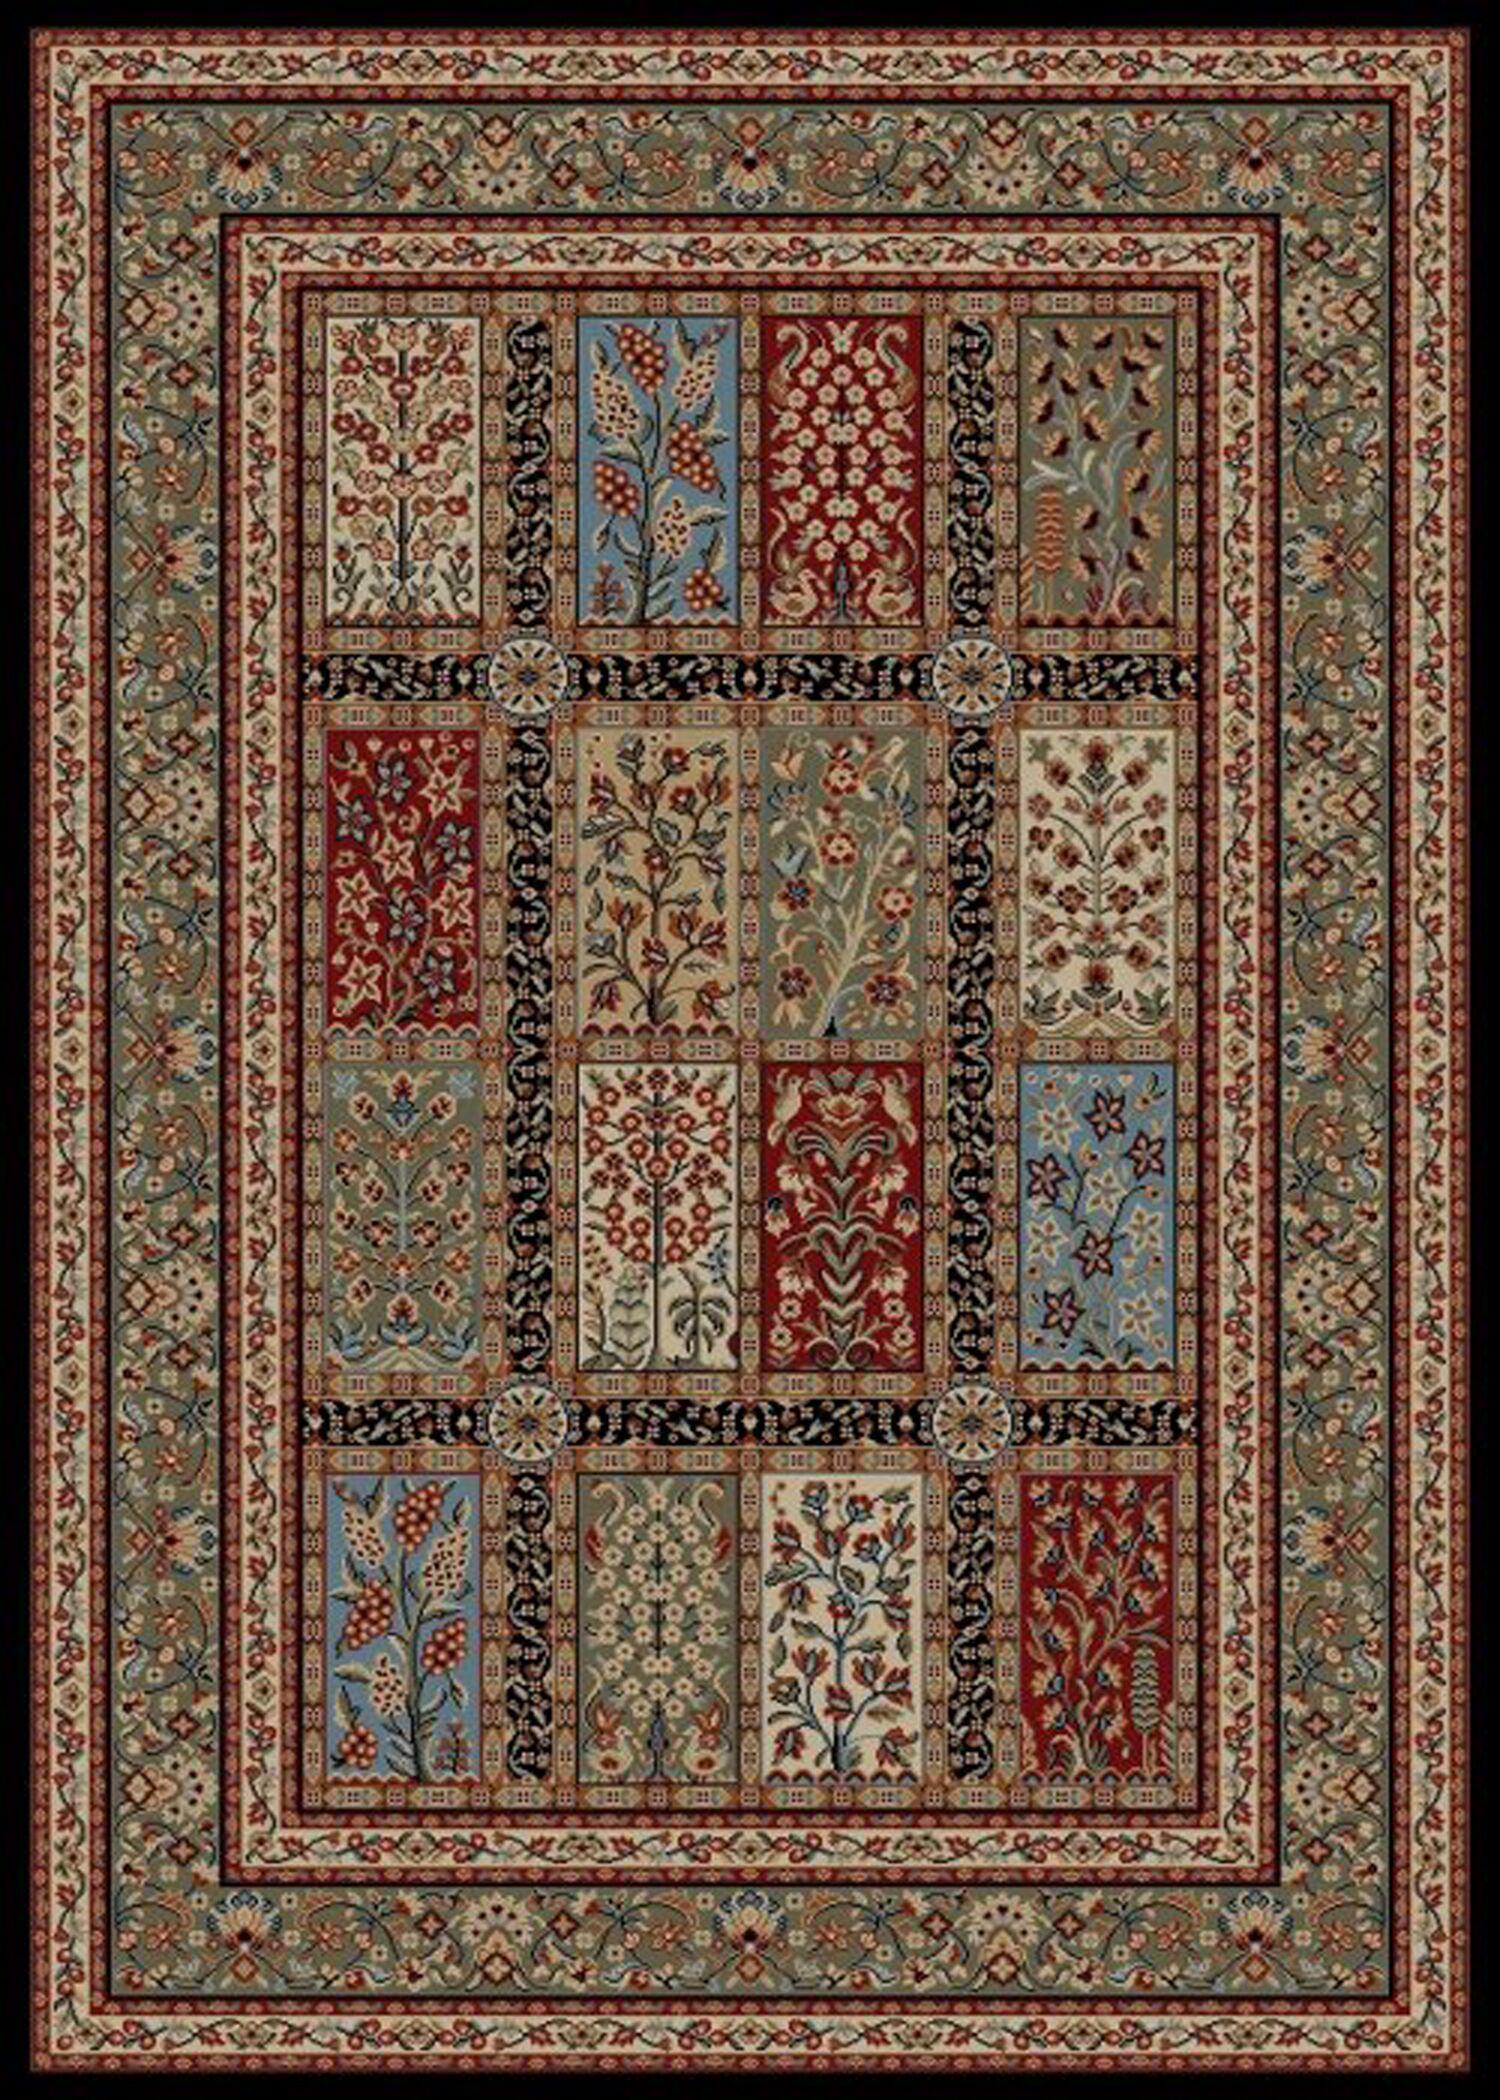 Bluffridge Red/Beige Area Rug Rug Size: 5' x 8'